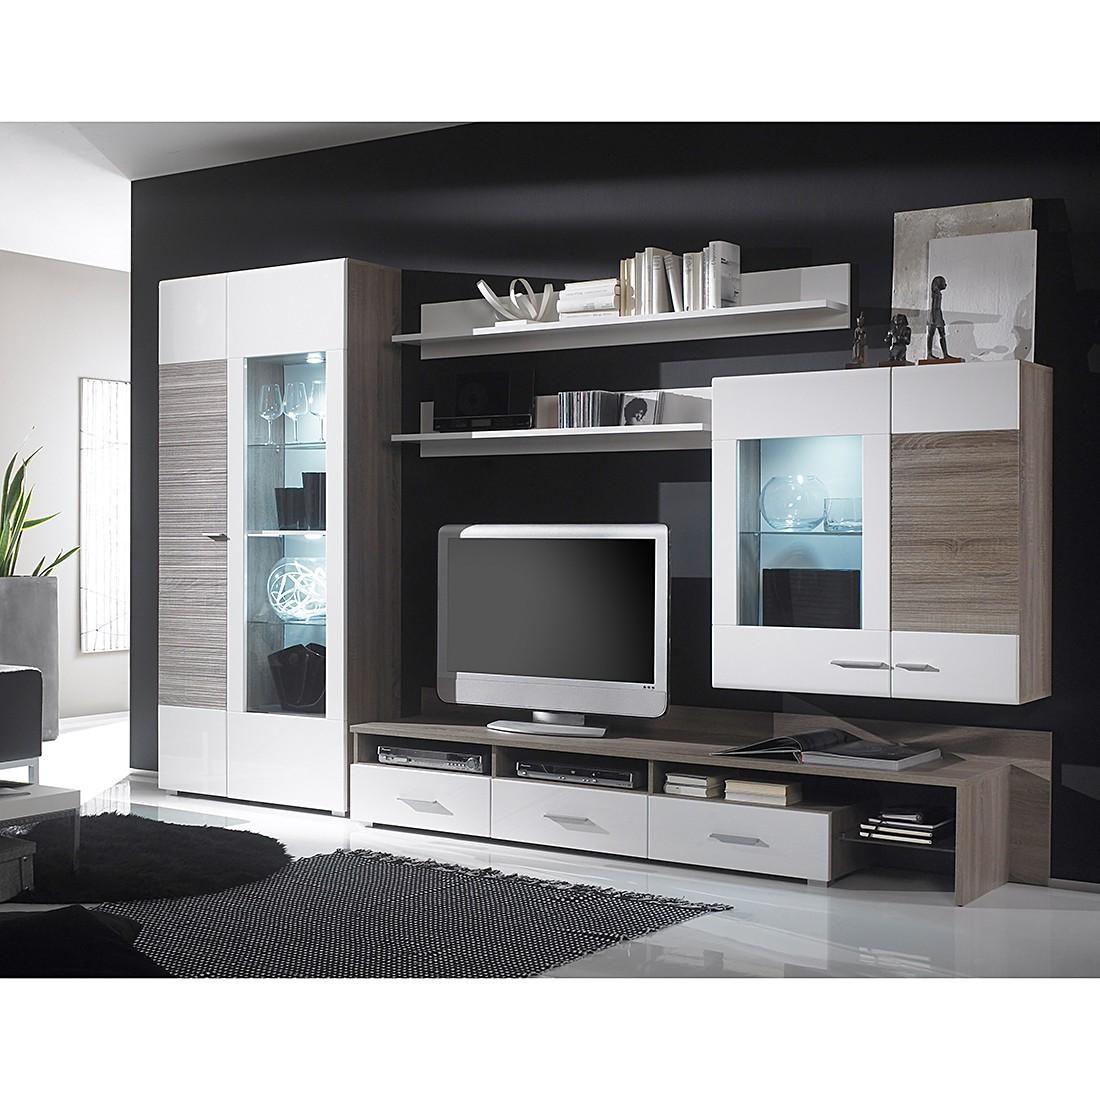 Design Wohnwand Straight ~ Wohnwand Forino (5tlg) – Weiß Hochglanz), California online kaufen